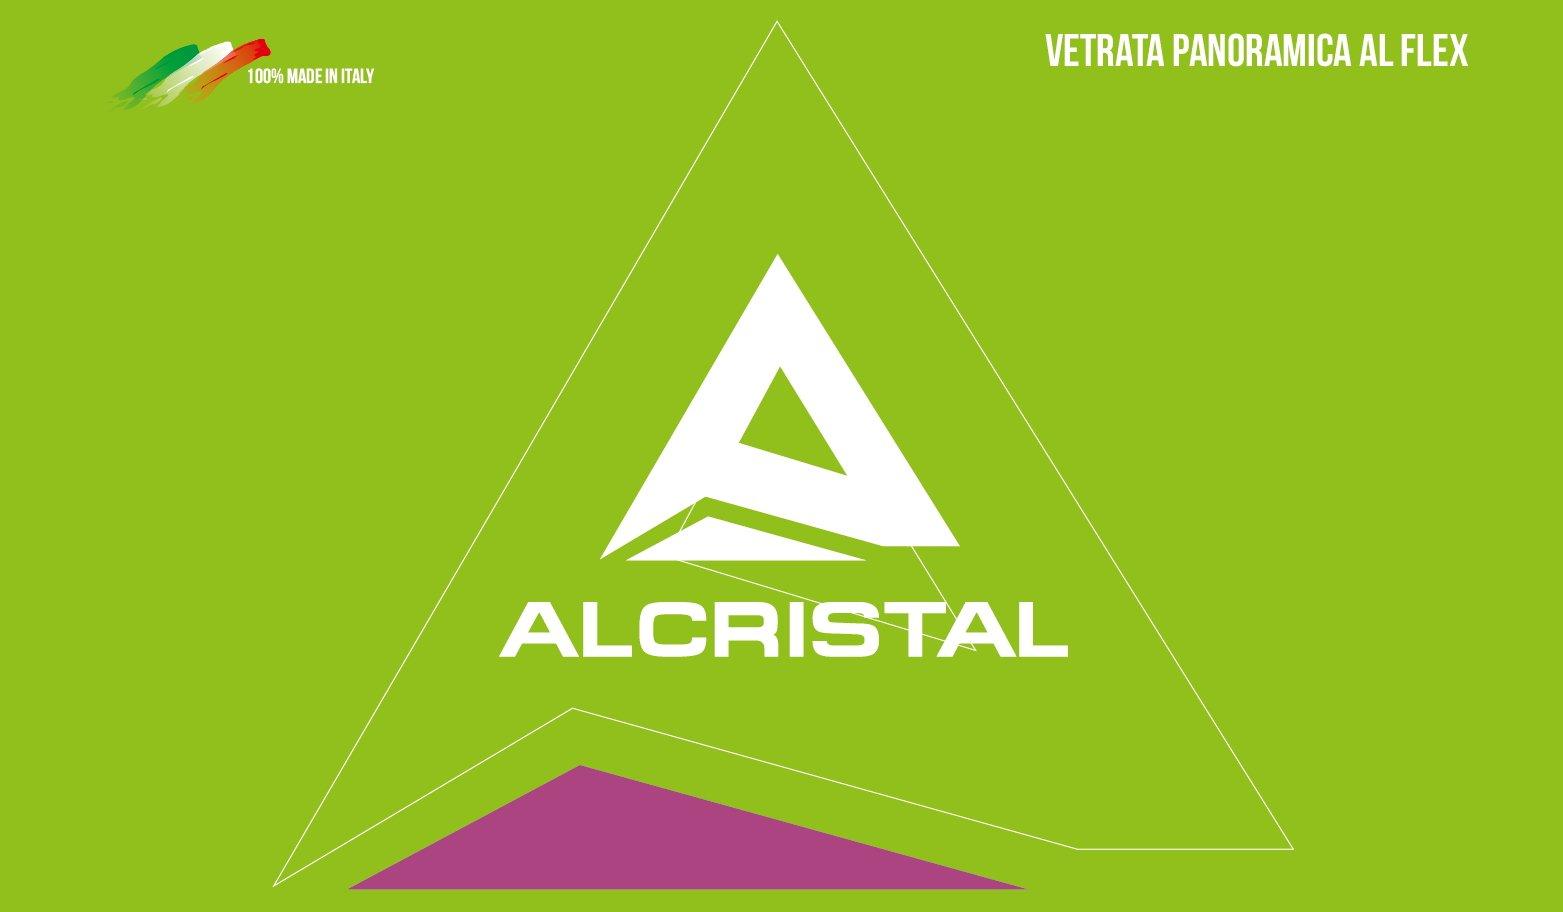 Al cristal-VETRATA PANORAMICA AL FLEX-logo